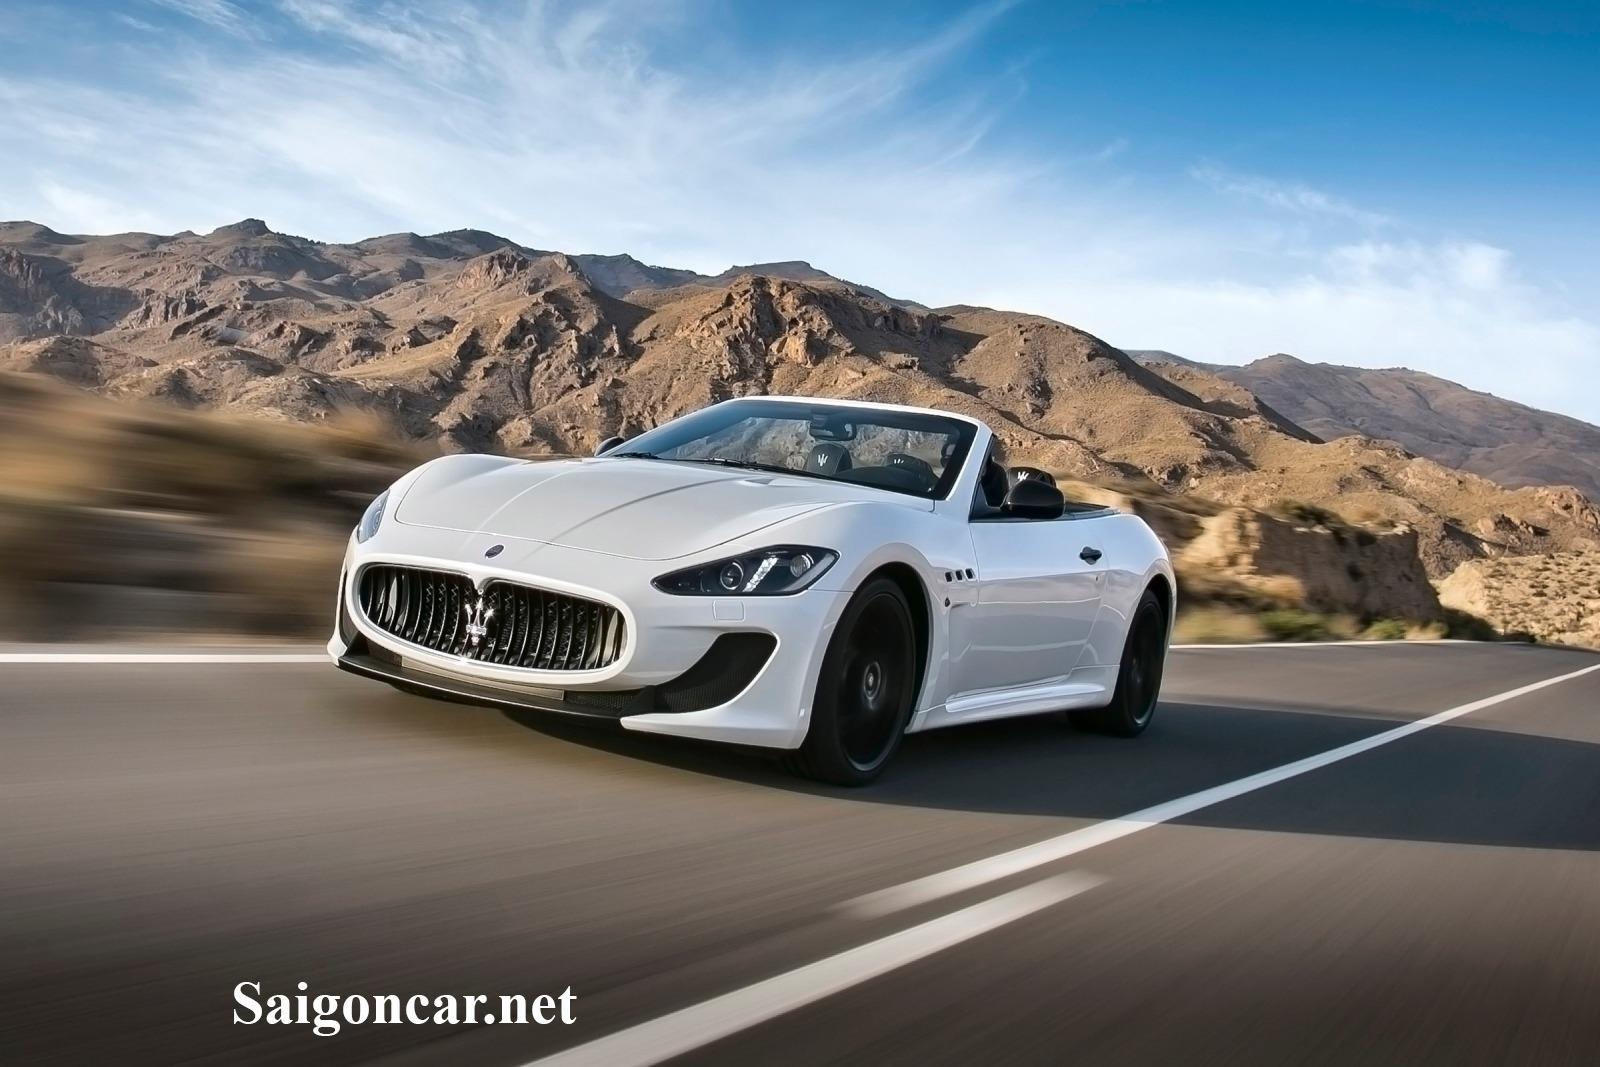 Maserati Grancabrio xe sang mang thương hiệu thụy điển